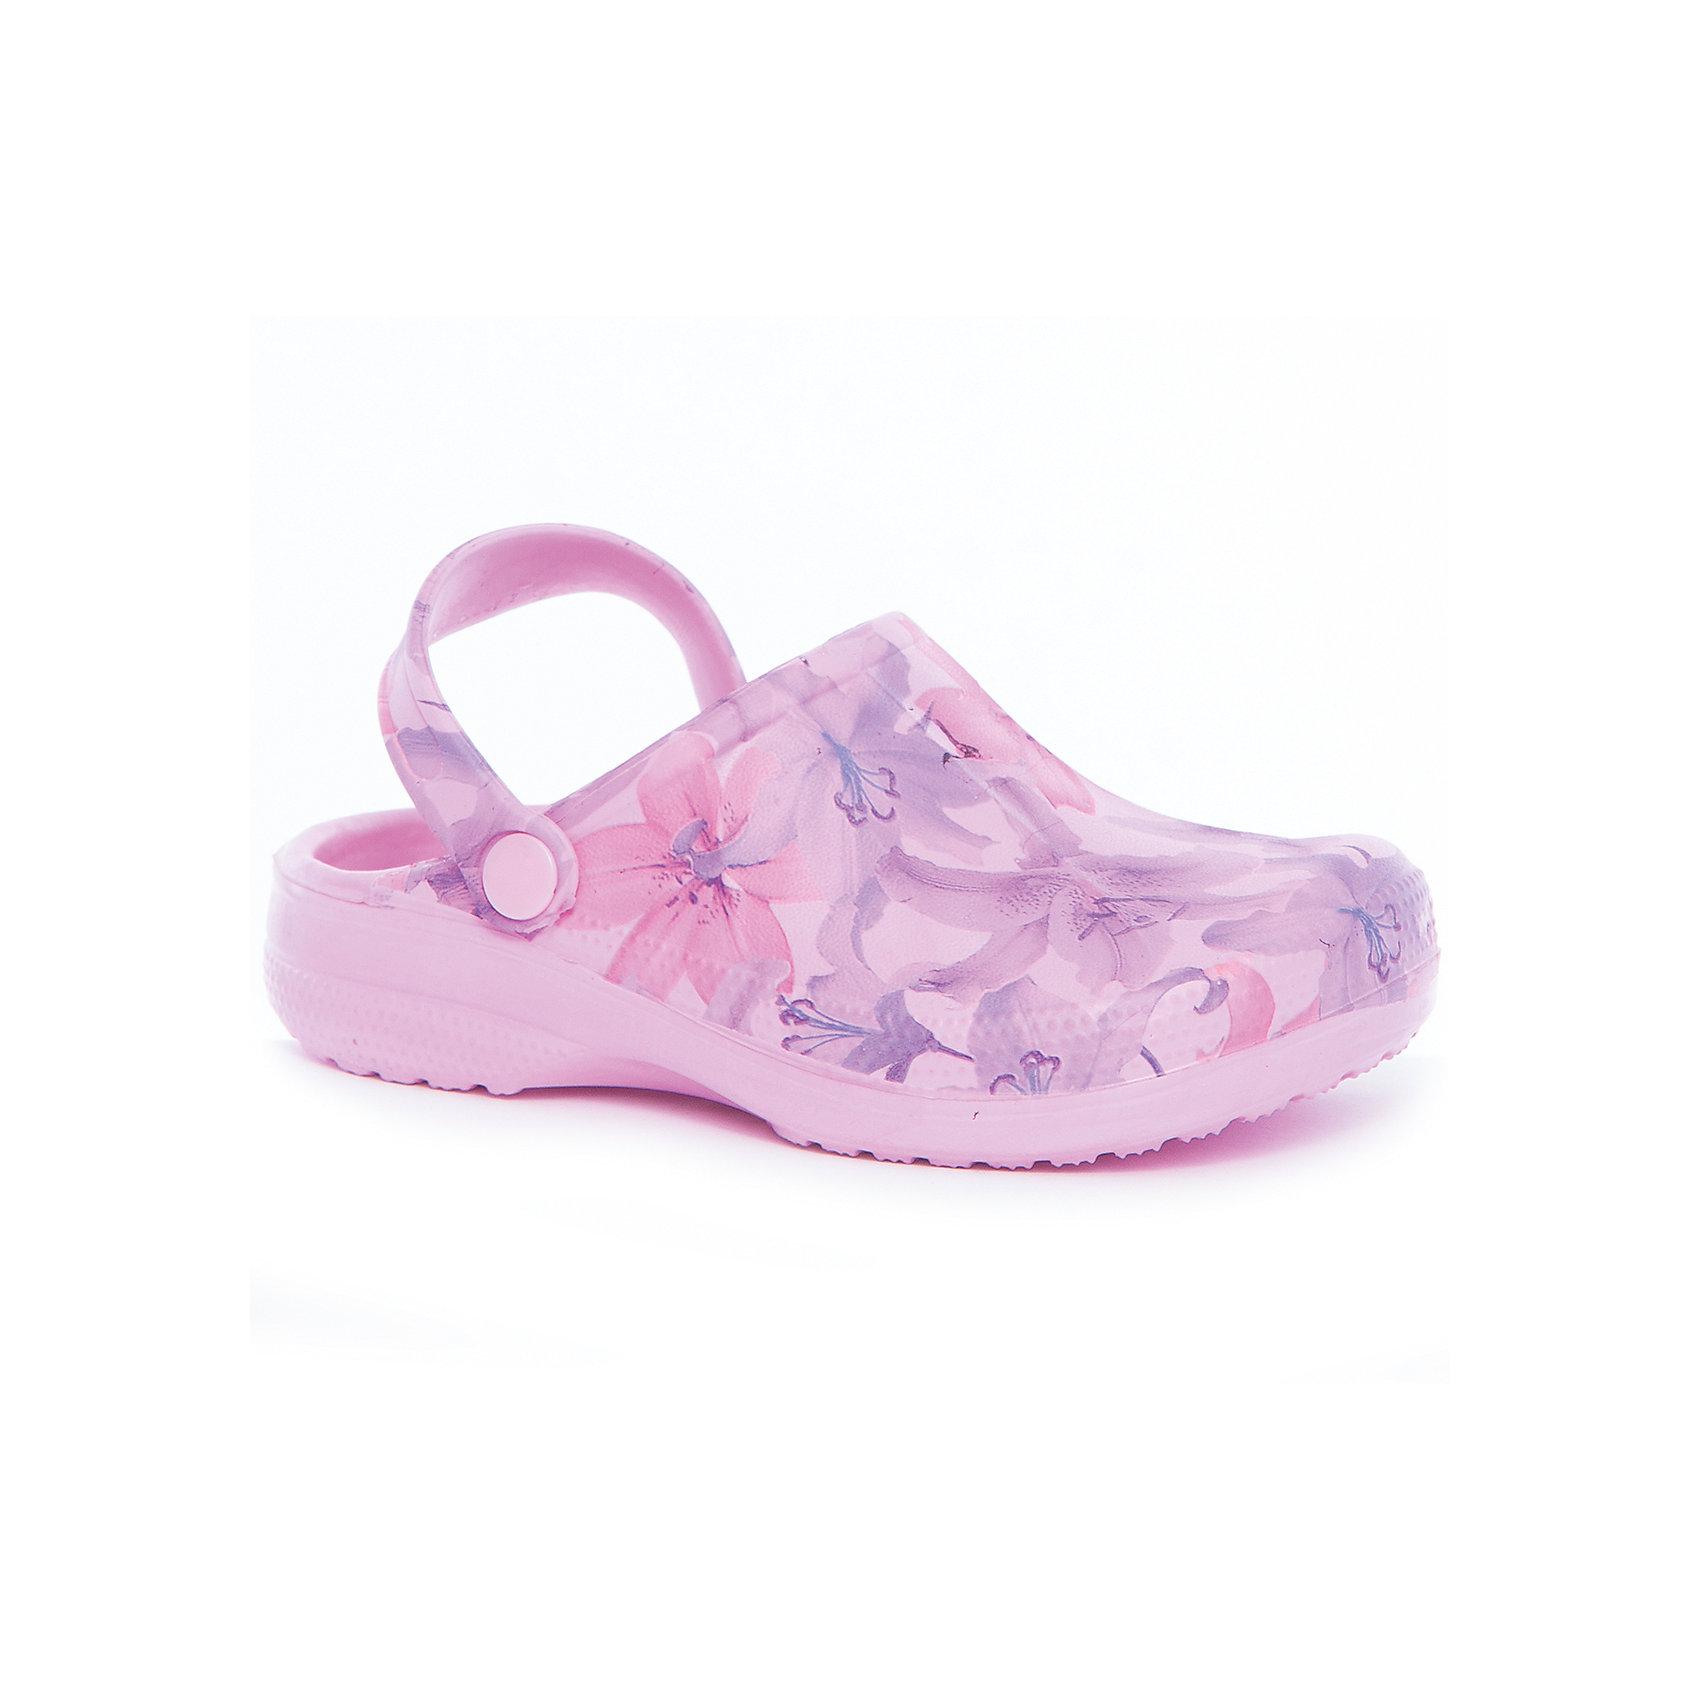 Сабо для девочки PlayTodayПляжная обувь<br>Пантолеты для девочки PlayToday<br>Эти удобные пантолеты прекрасно подойдут и для дачи, и для пляжа. Подвижный пяточный ремень позволяет легко снимать о одевать обувь. Перфорированная носочная часть обеспечивает хорошую вентиляцию <br><br>Преимущества: <br><br>Подвижный пяточный ремень позволяет легко снимать и одевать пантолеты<br>Перфорированная носочная часть обеспечивает хорошую вентиляцию<br><br>Состав:<br>100% этилвинилацетат<br><br>Ширина мм: 225<br>Глубина мм: 139<br>Высота мм: 112<br>Вес г: 290<br>Цвет: разноцветный<br>Возраст от месяцев: 96<br>Возраст до месяцев: 108<br>Пол: Женский<br>Возраст: Детский<br>Размер: 32,28,29,30,31<br>SKU: 5404654